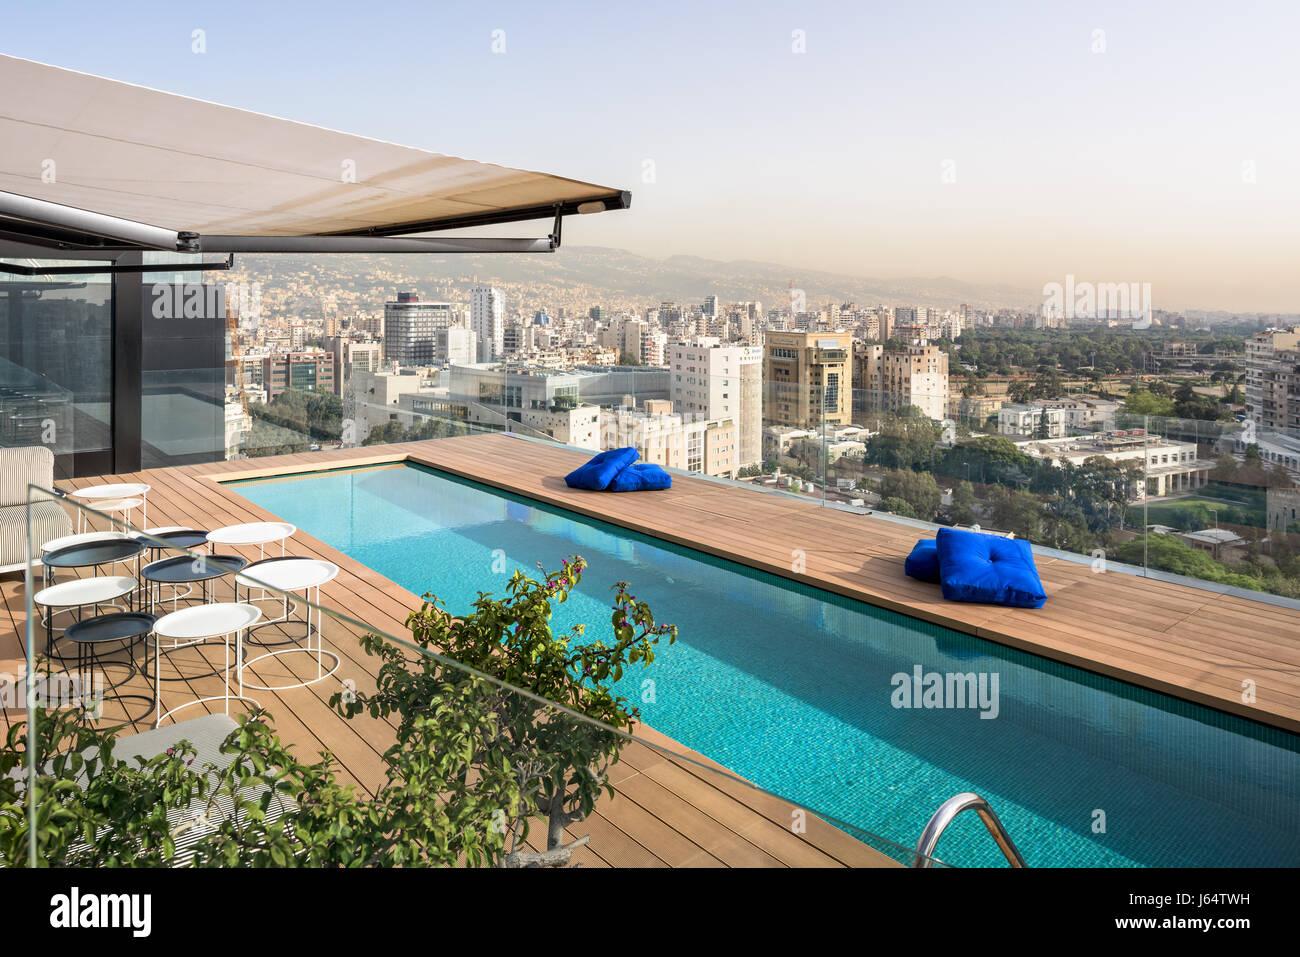 Piscina en la azotea con vistas de Beirut. Imagen De Stock